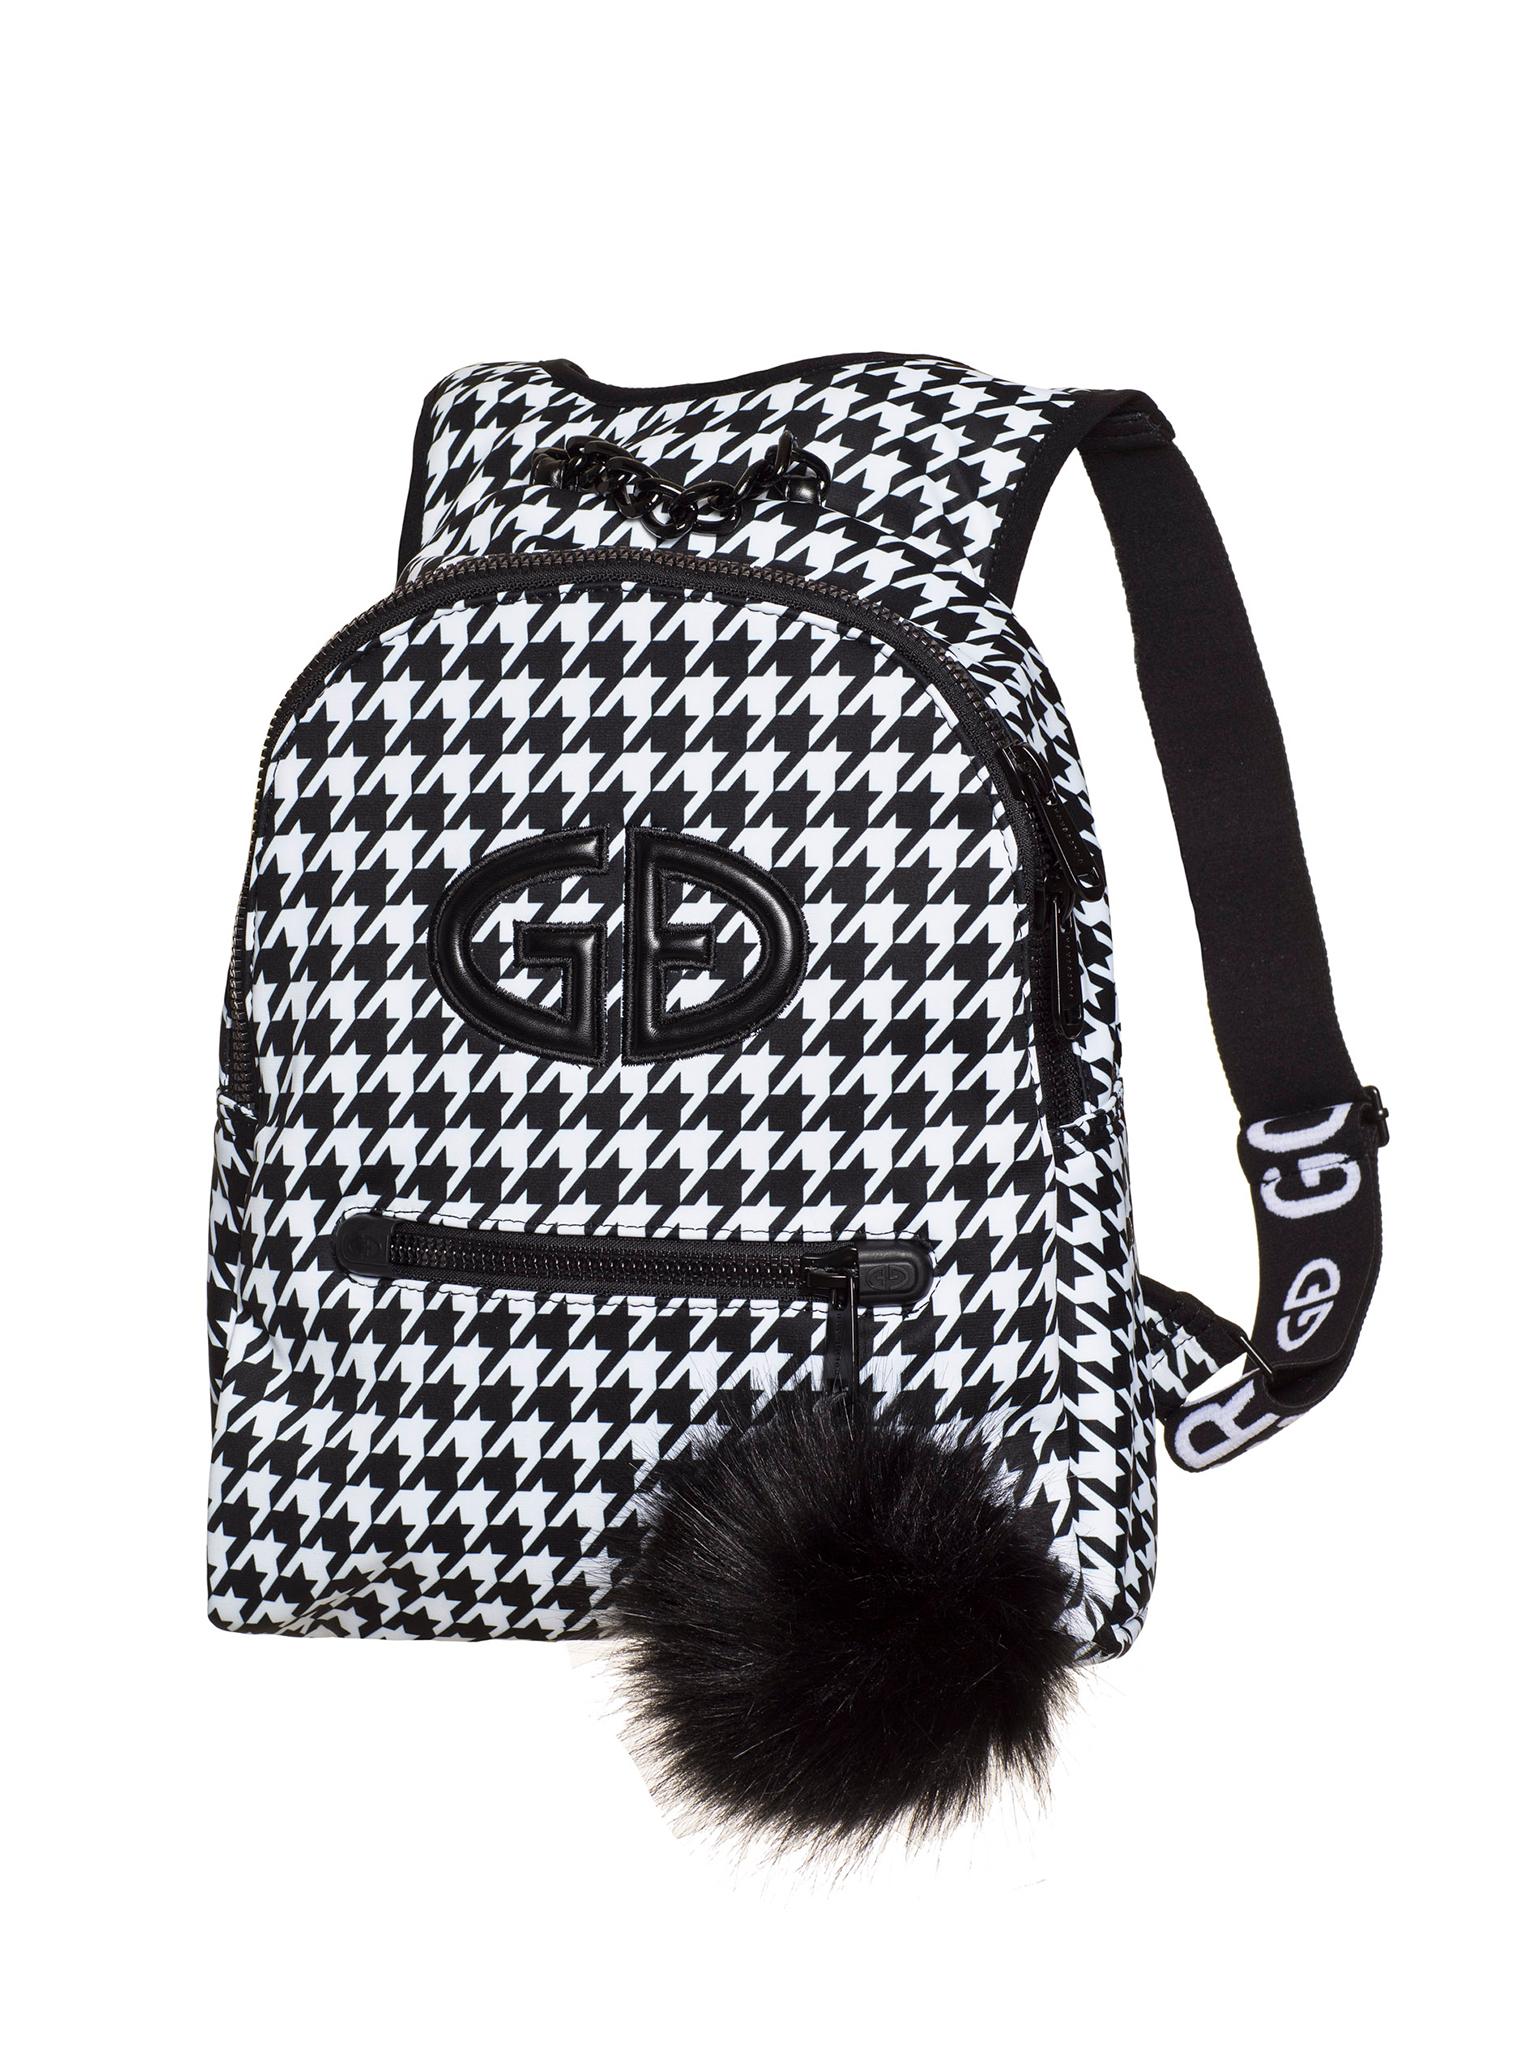 Trendy rucksacks for skiing